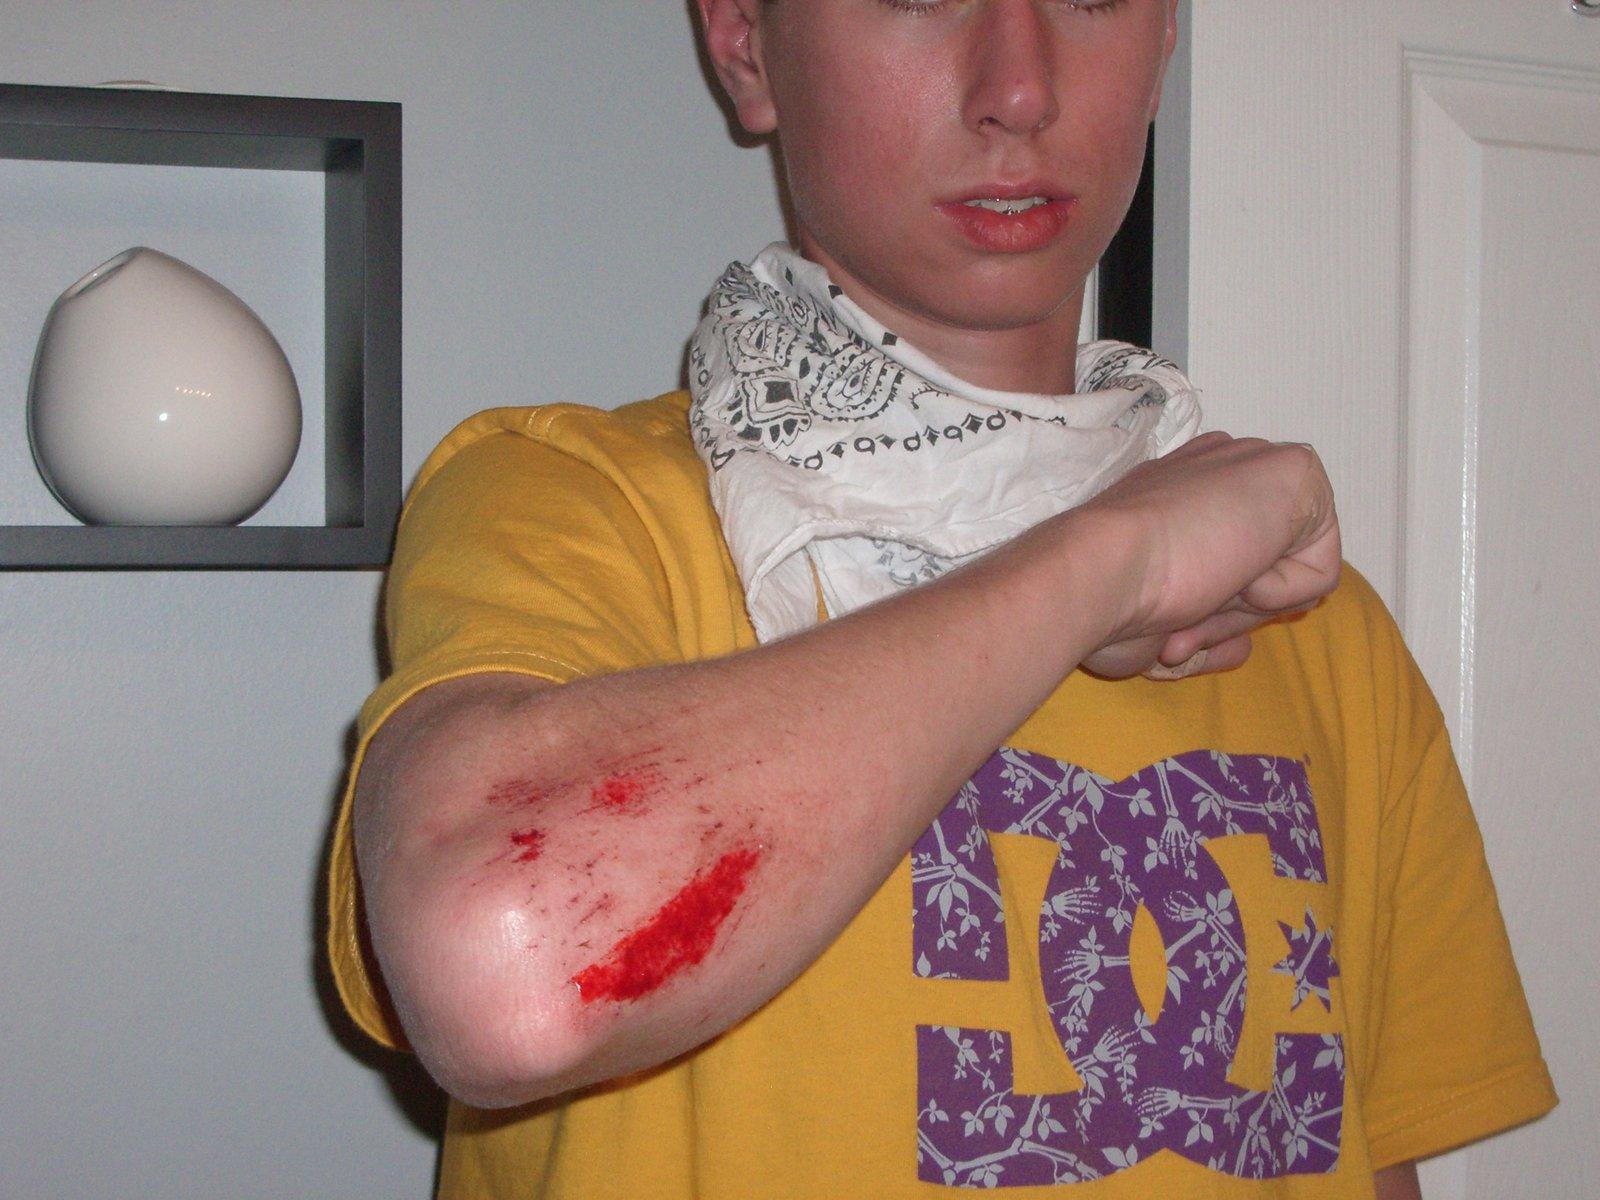 Cut/scrape